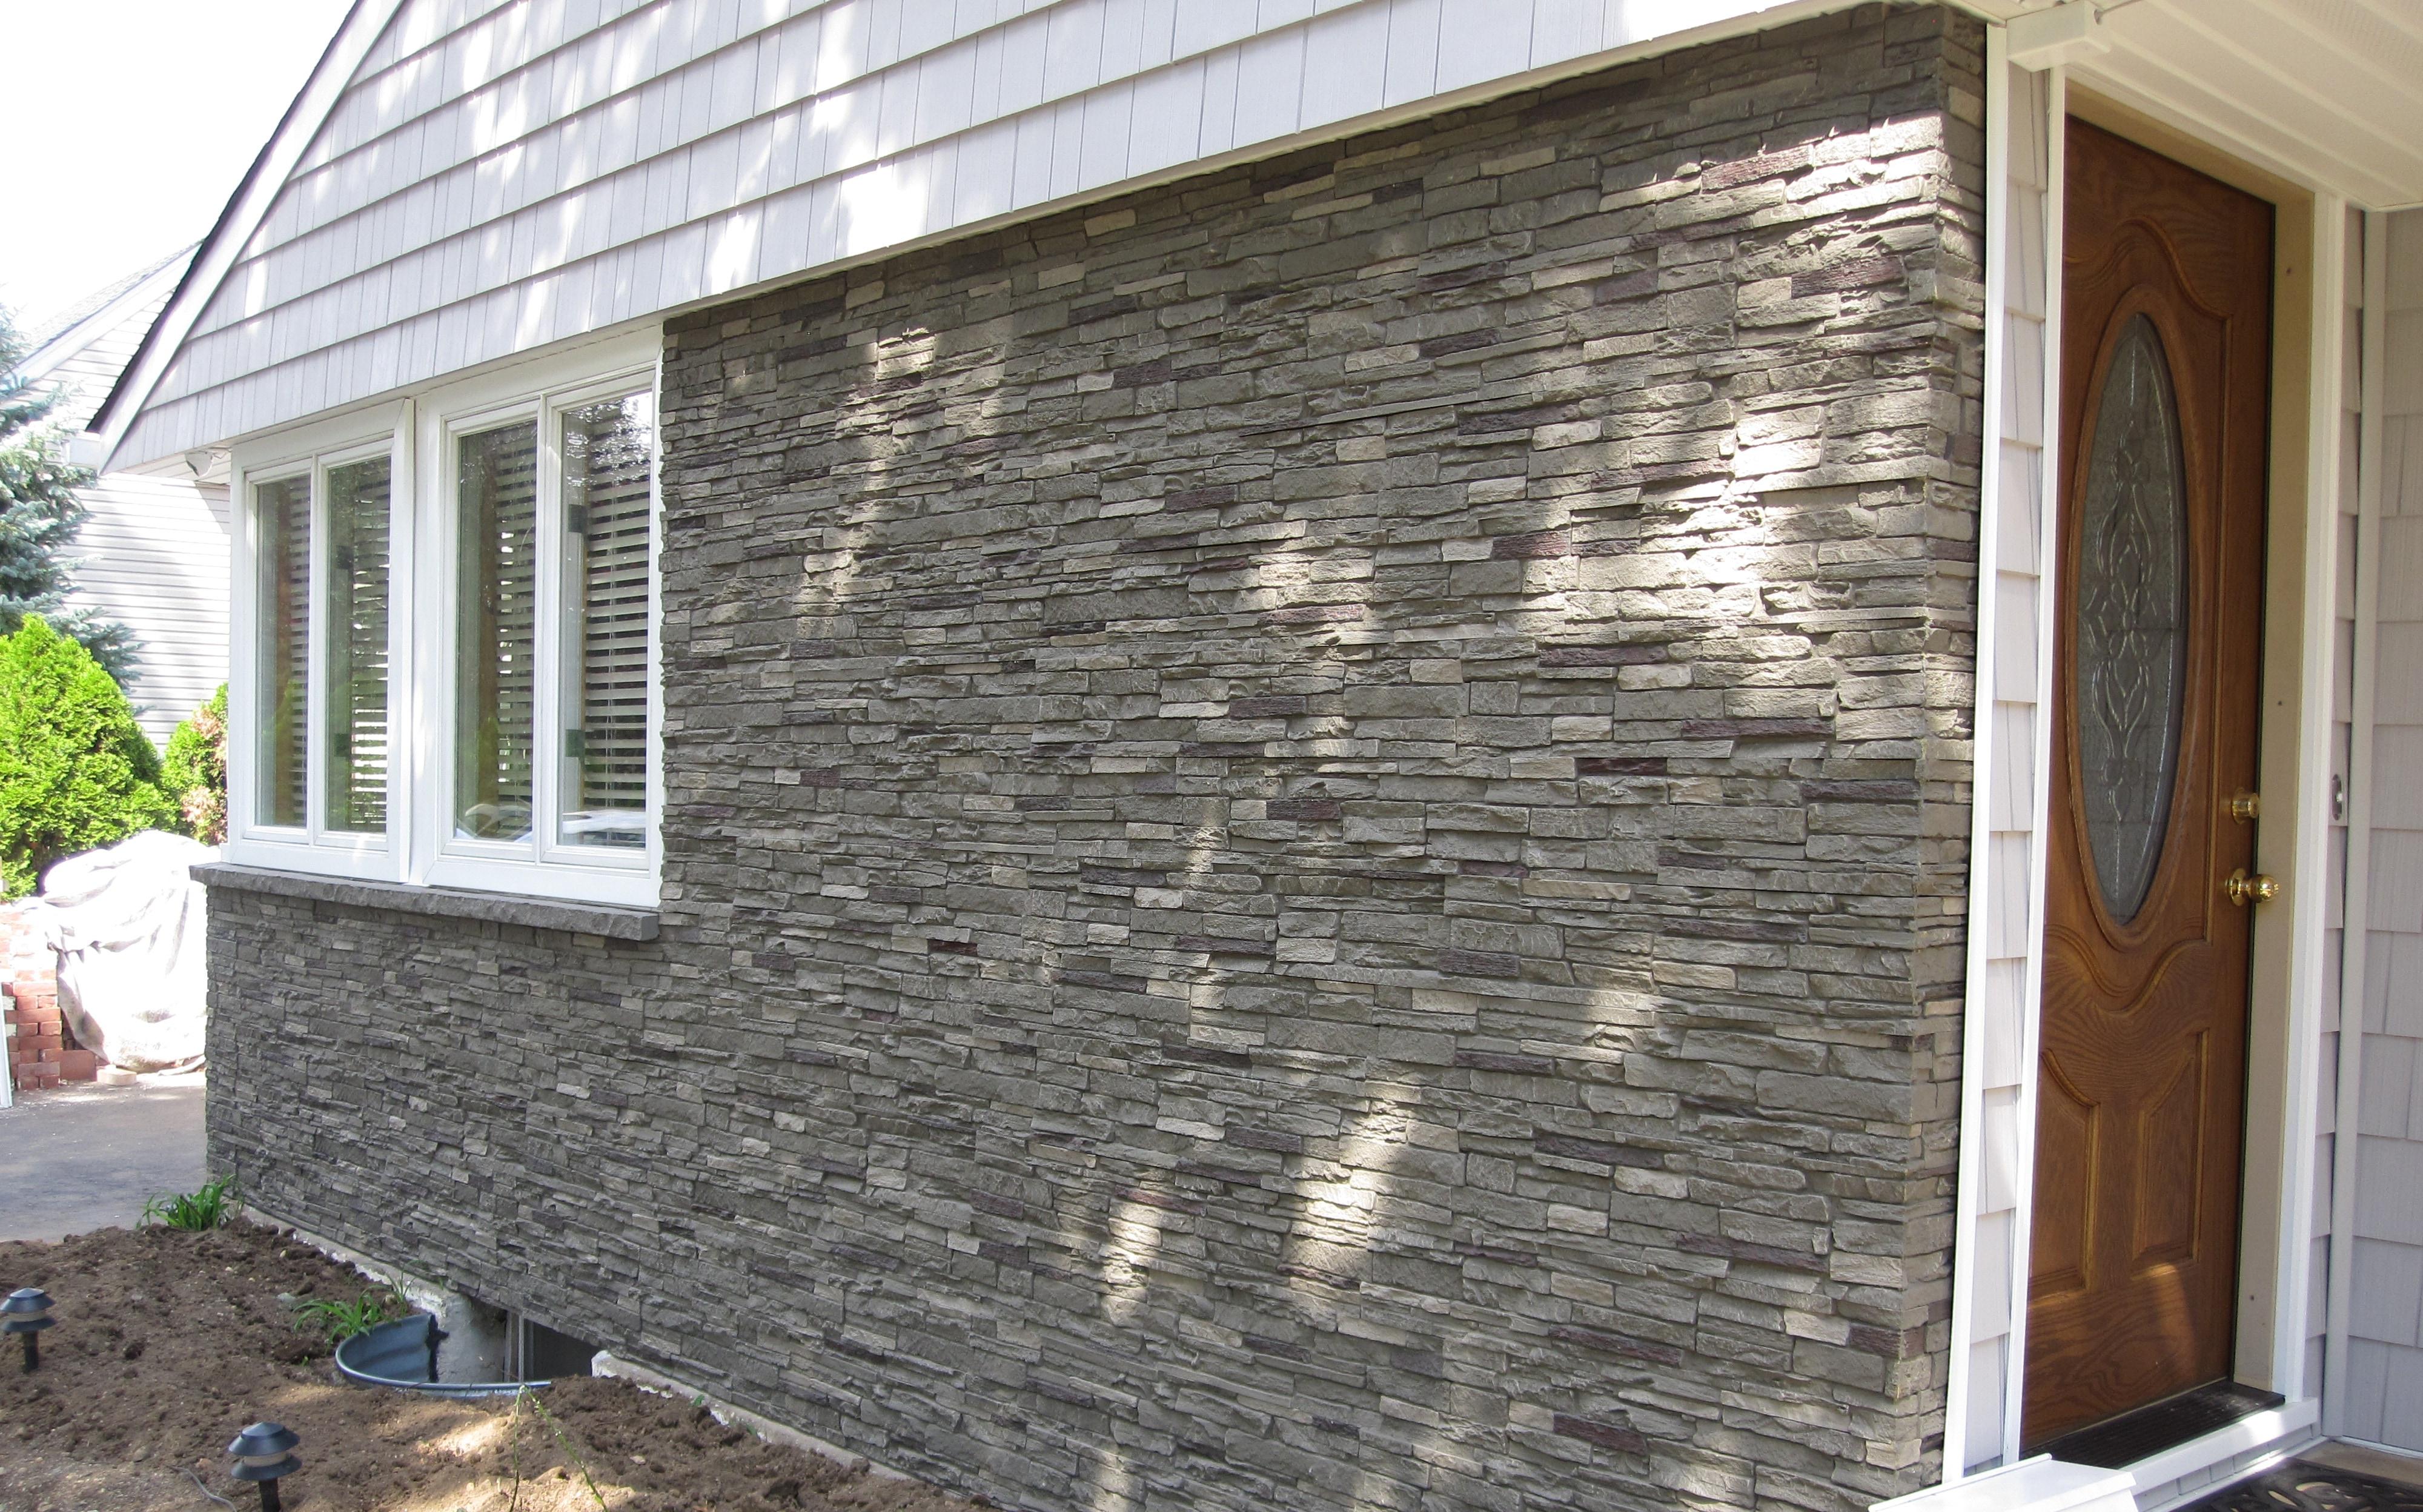 StoneWorks StoneWorks Faux Stone Siding - Slate Stone Iron / 17.12 on hardie board and batten siding, exterior decorative stone siding, exterior stone wainscot,